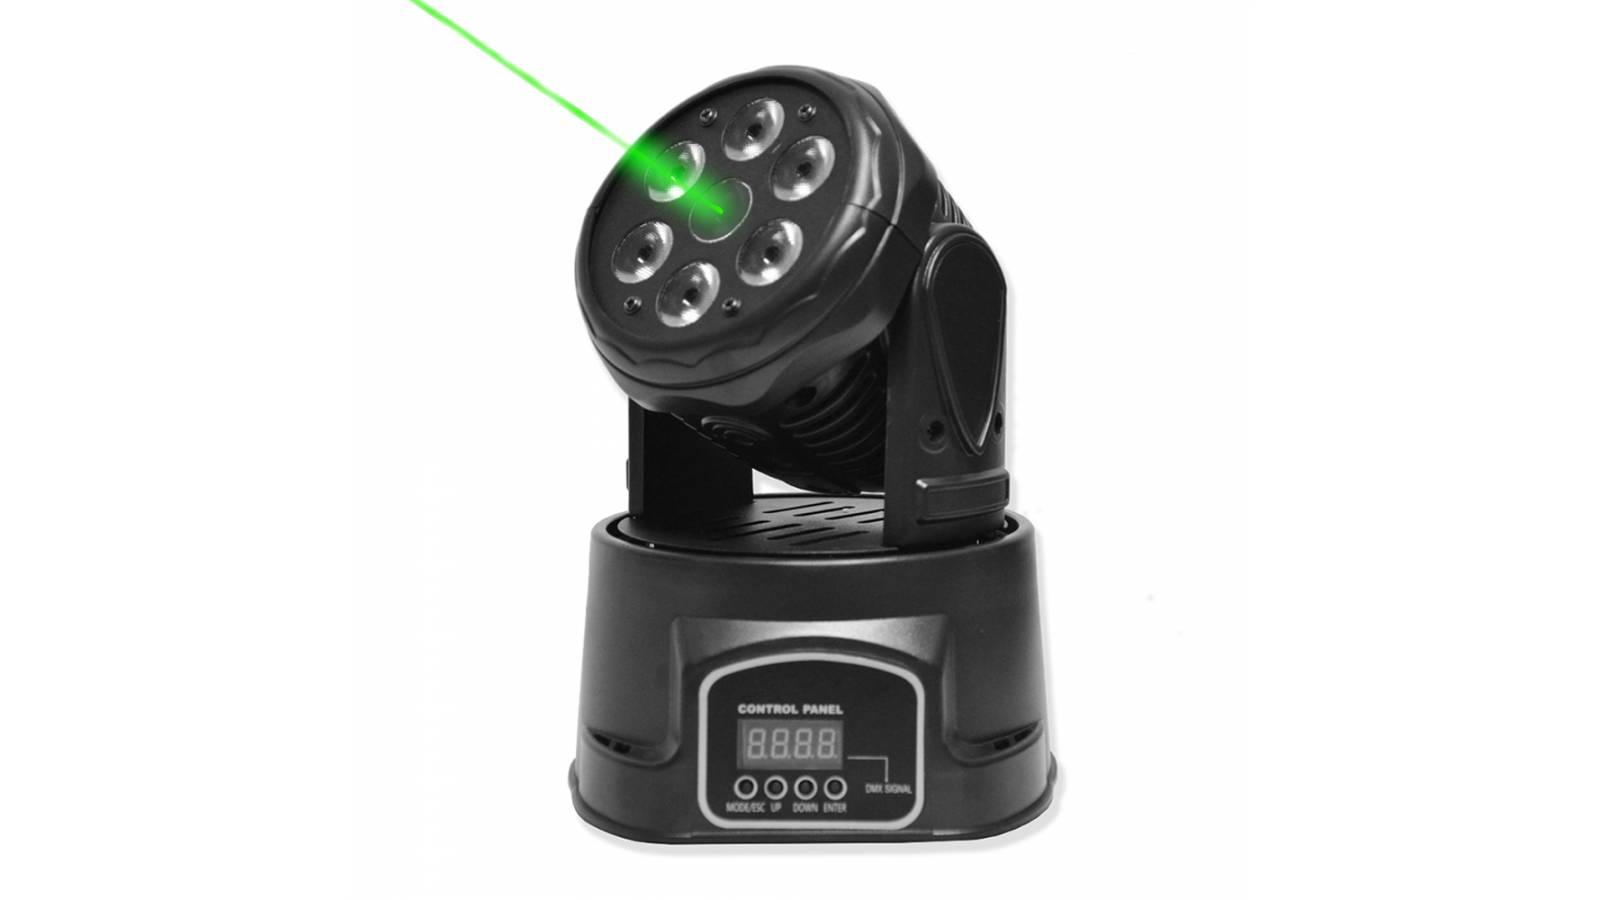 Cabeza Movil GCM Pro 6x10W RGBW 4-en-1 LM70 + Laser Verde